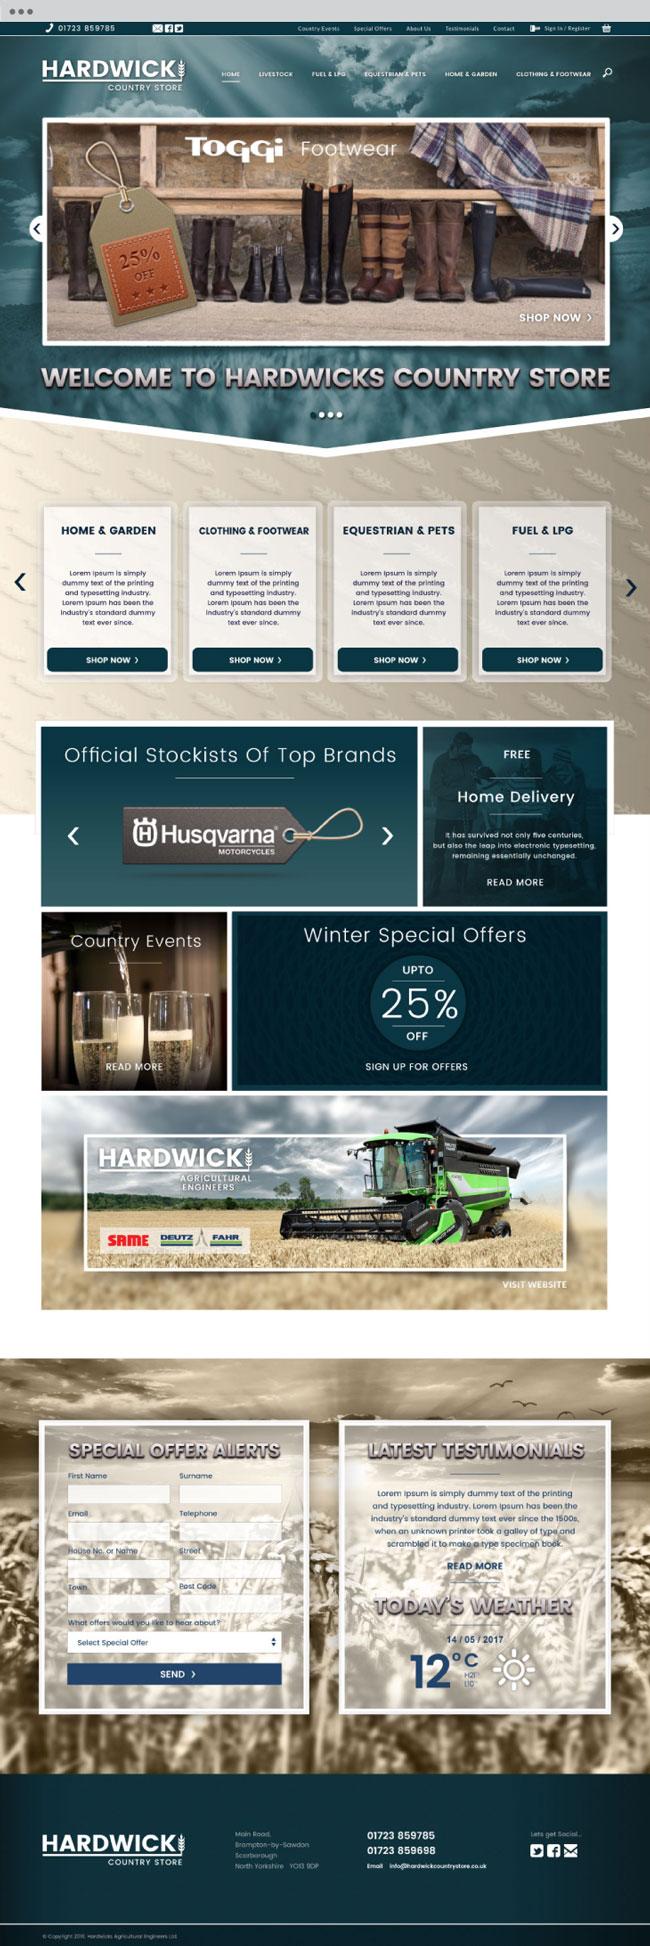 hardwick store website